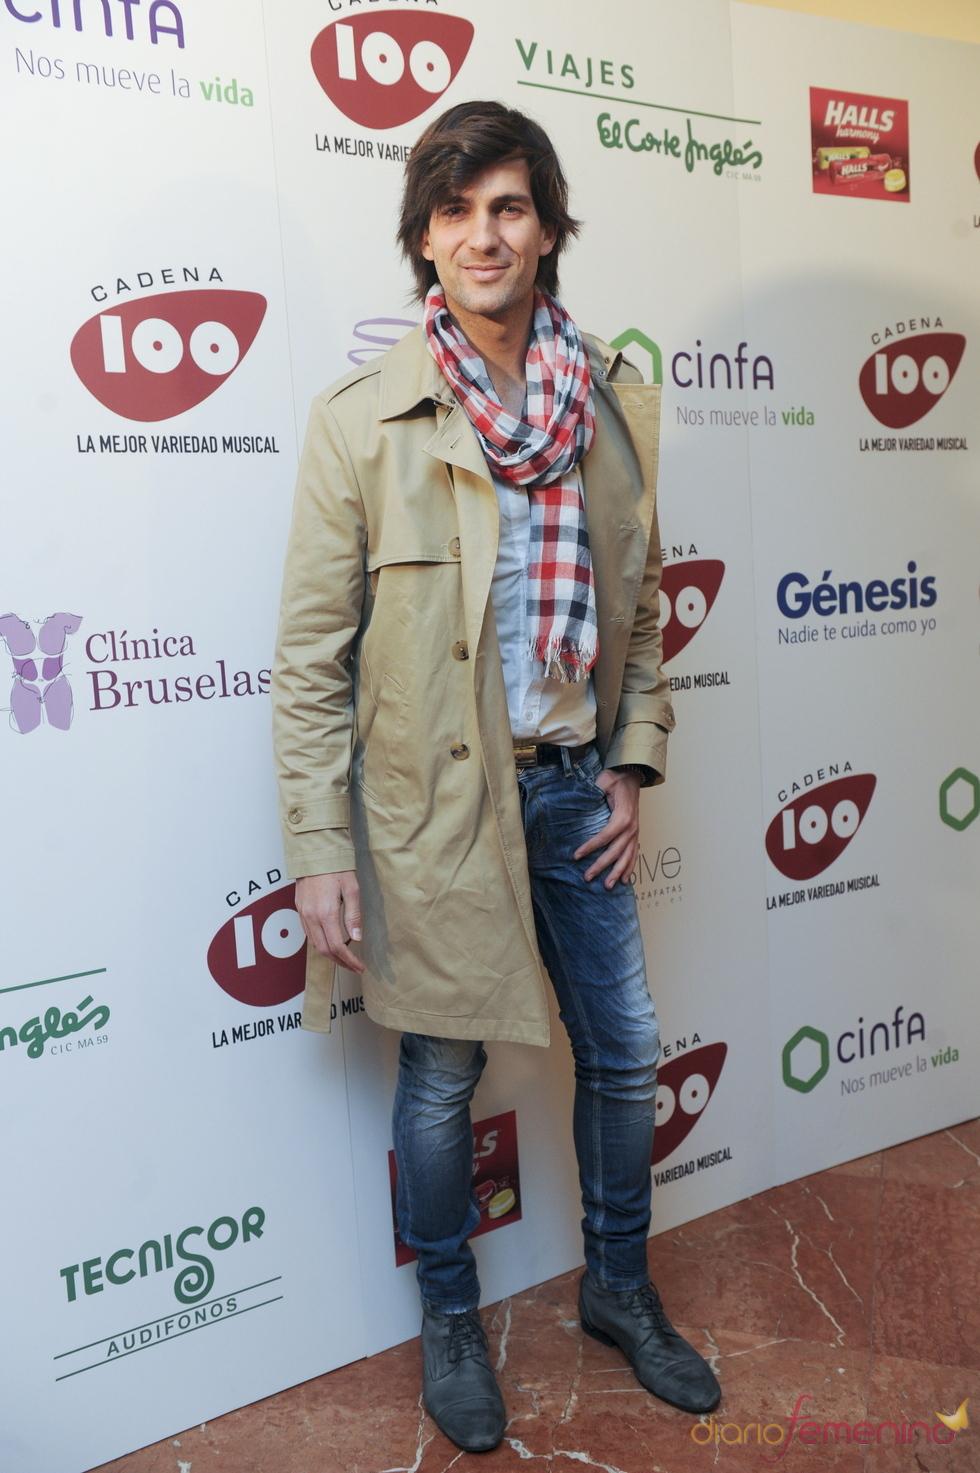 Fran Dieli en los Premios Pie Derecho de Cadena 100